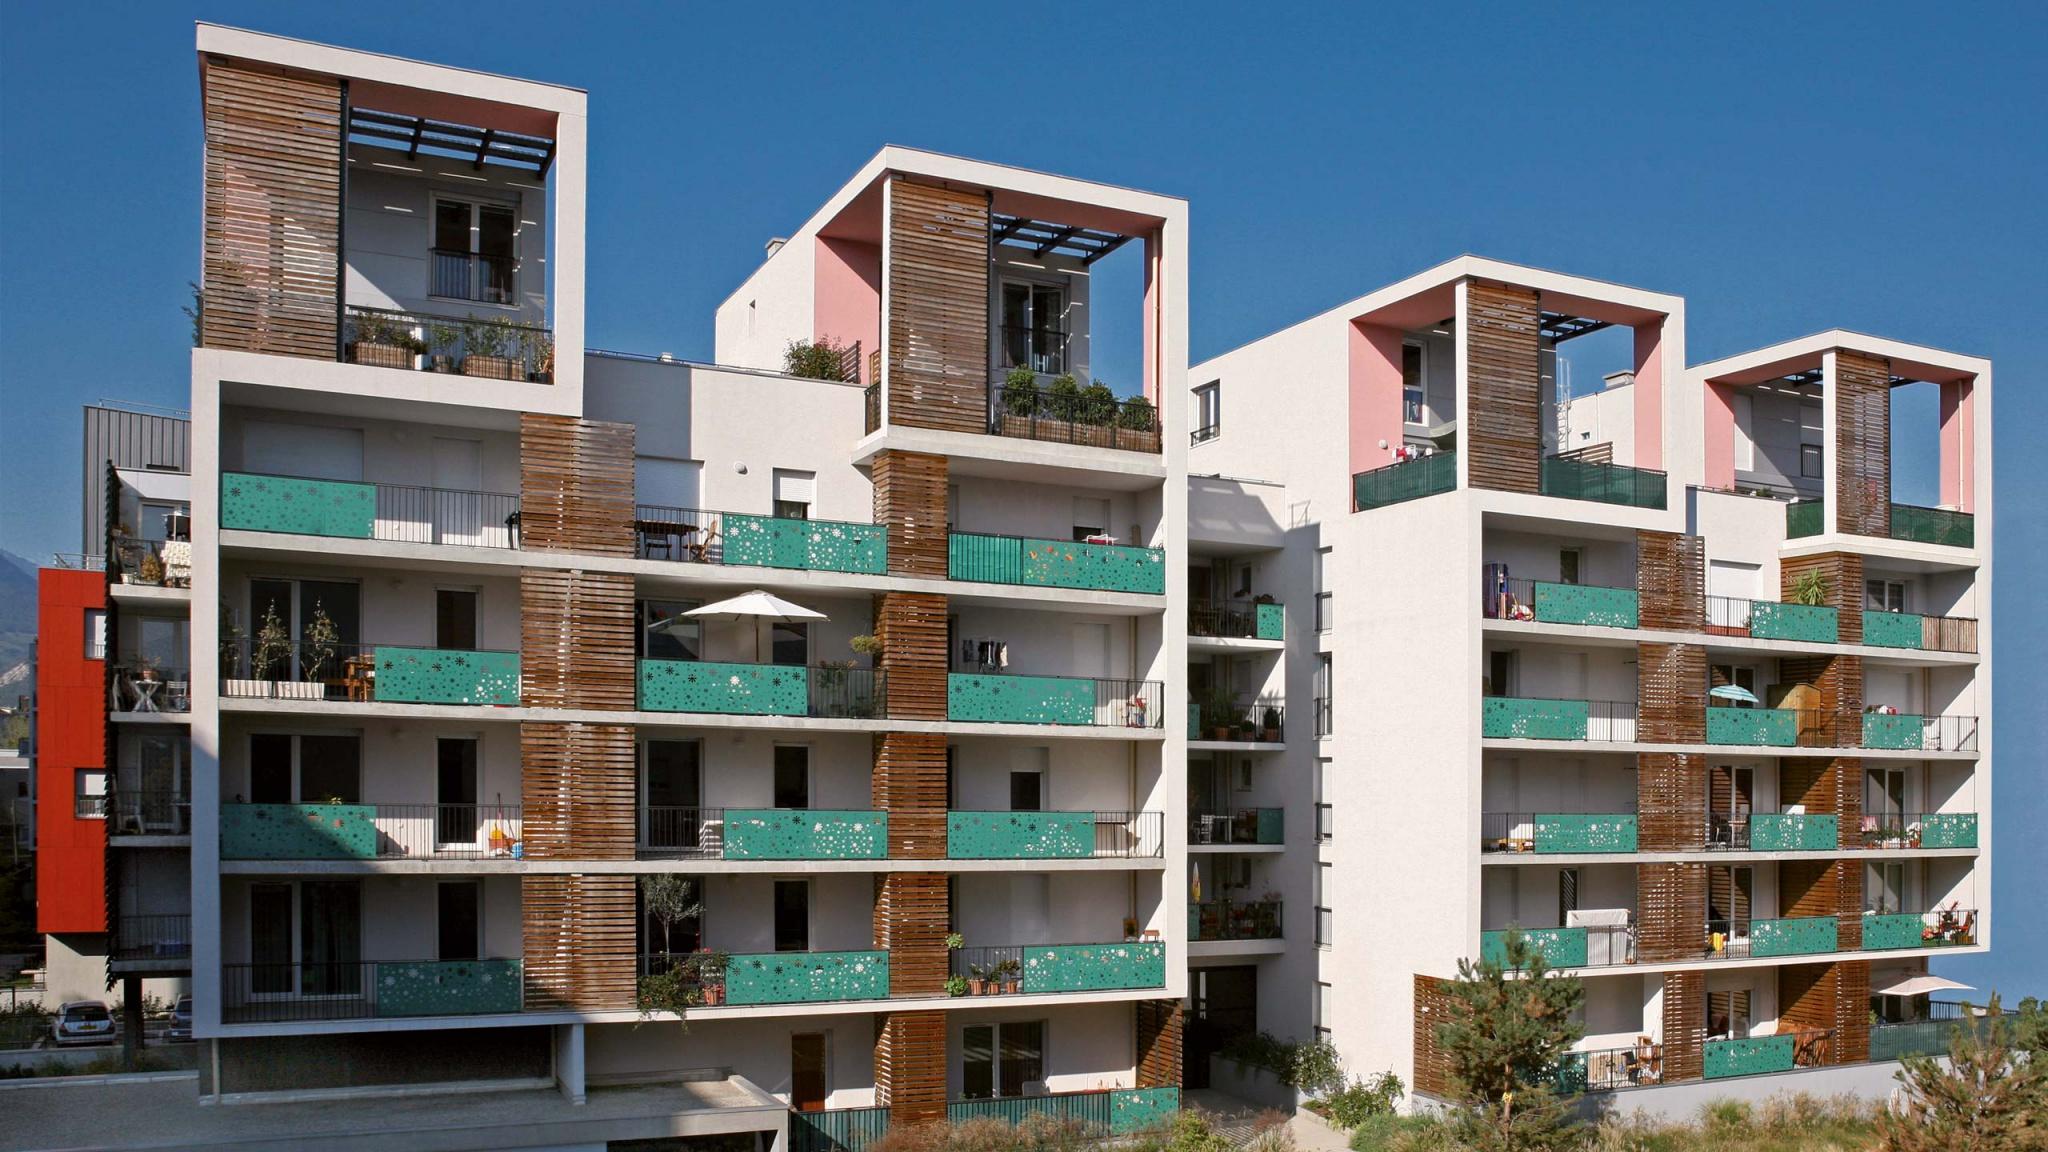 Un projet immobilier d'appartements neufs à Grenoble